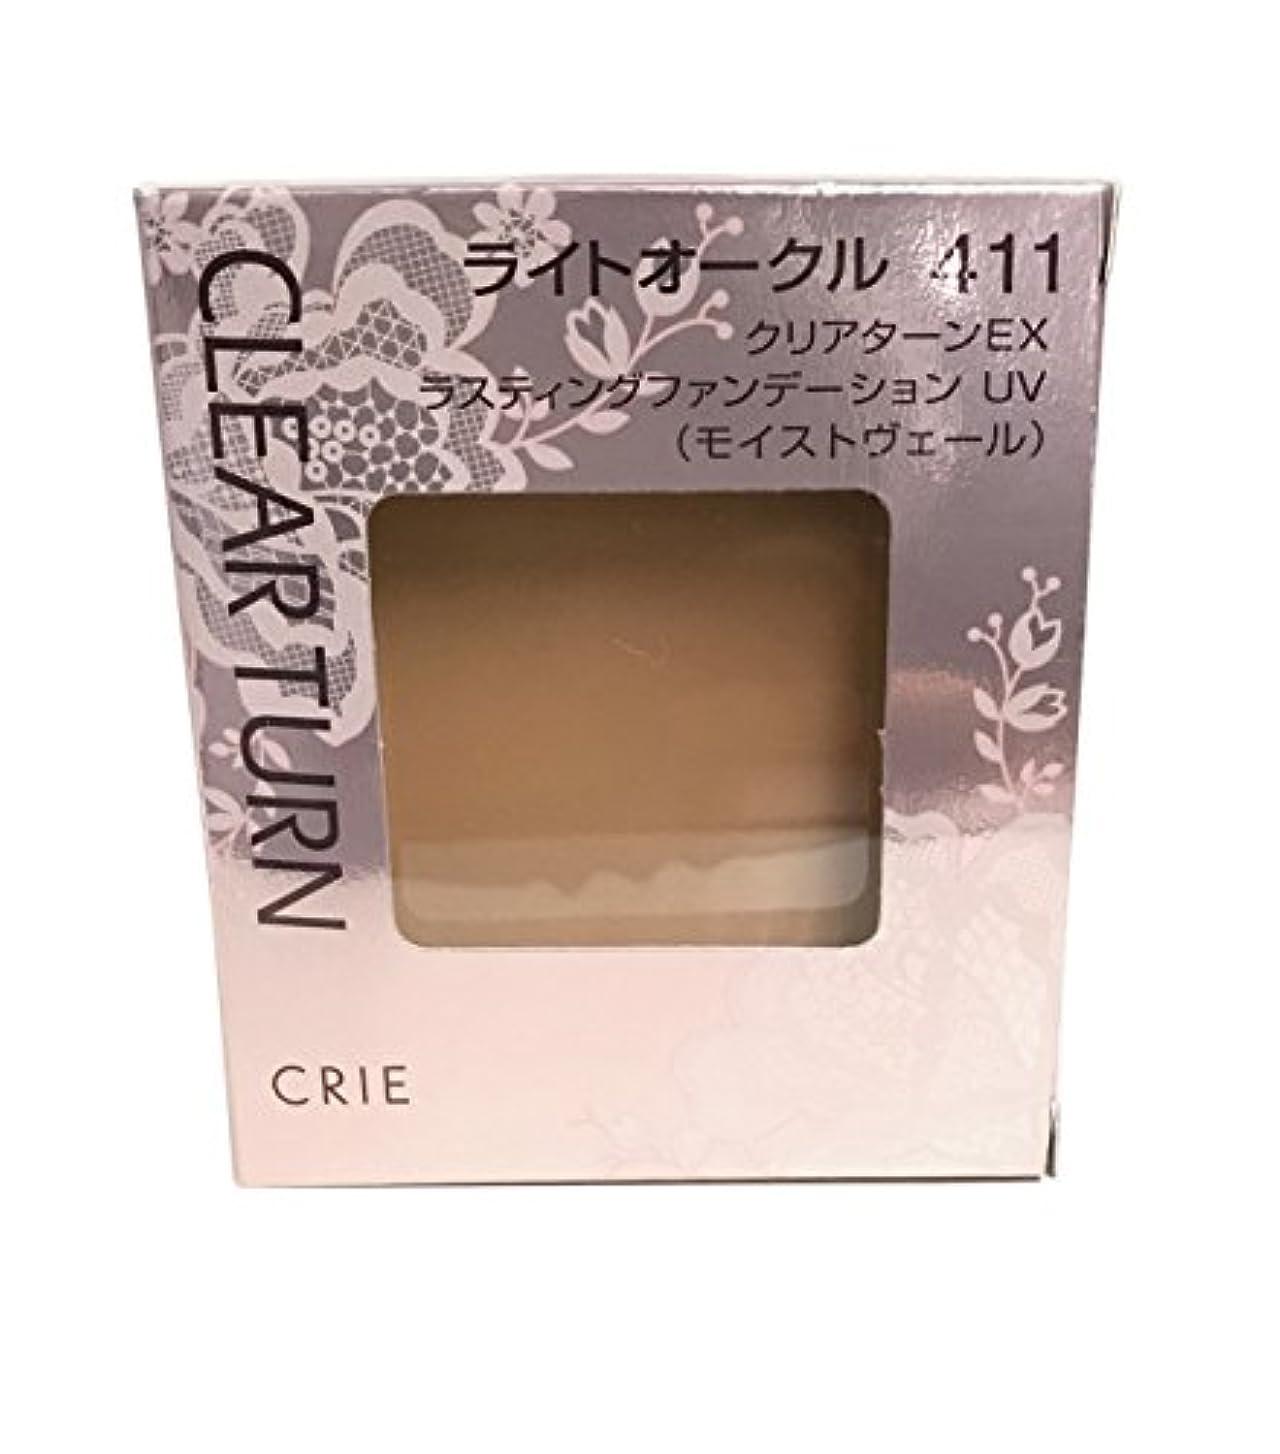 斧同じ水没クリエ(CRIE) クリアターンEX ラスティングファンデーション UV (モイストヴェール) #411 ライトオークル 9.5g